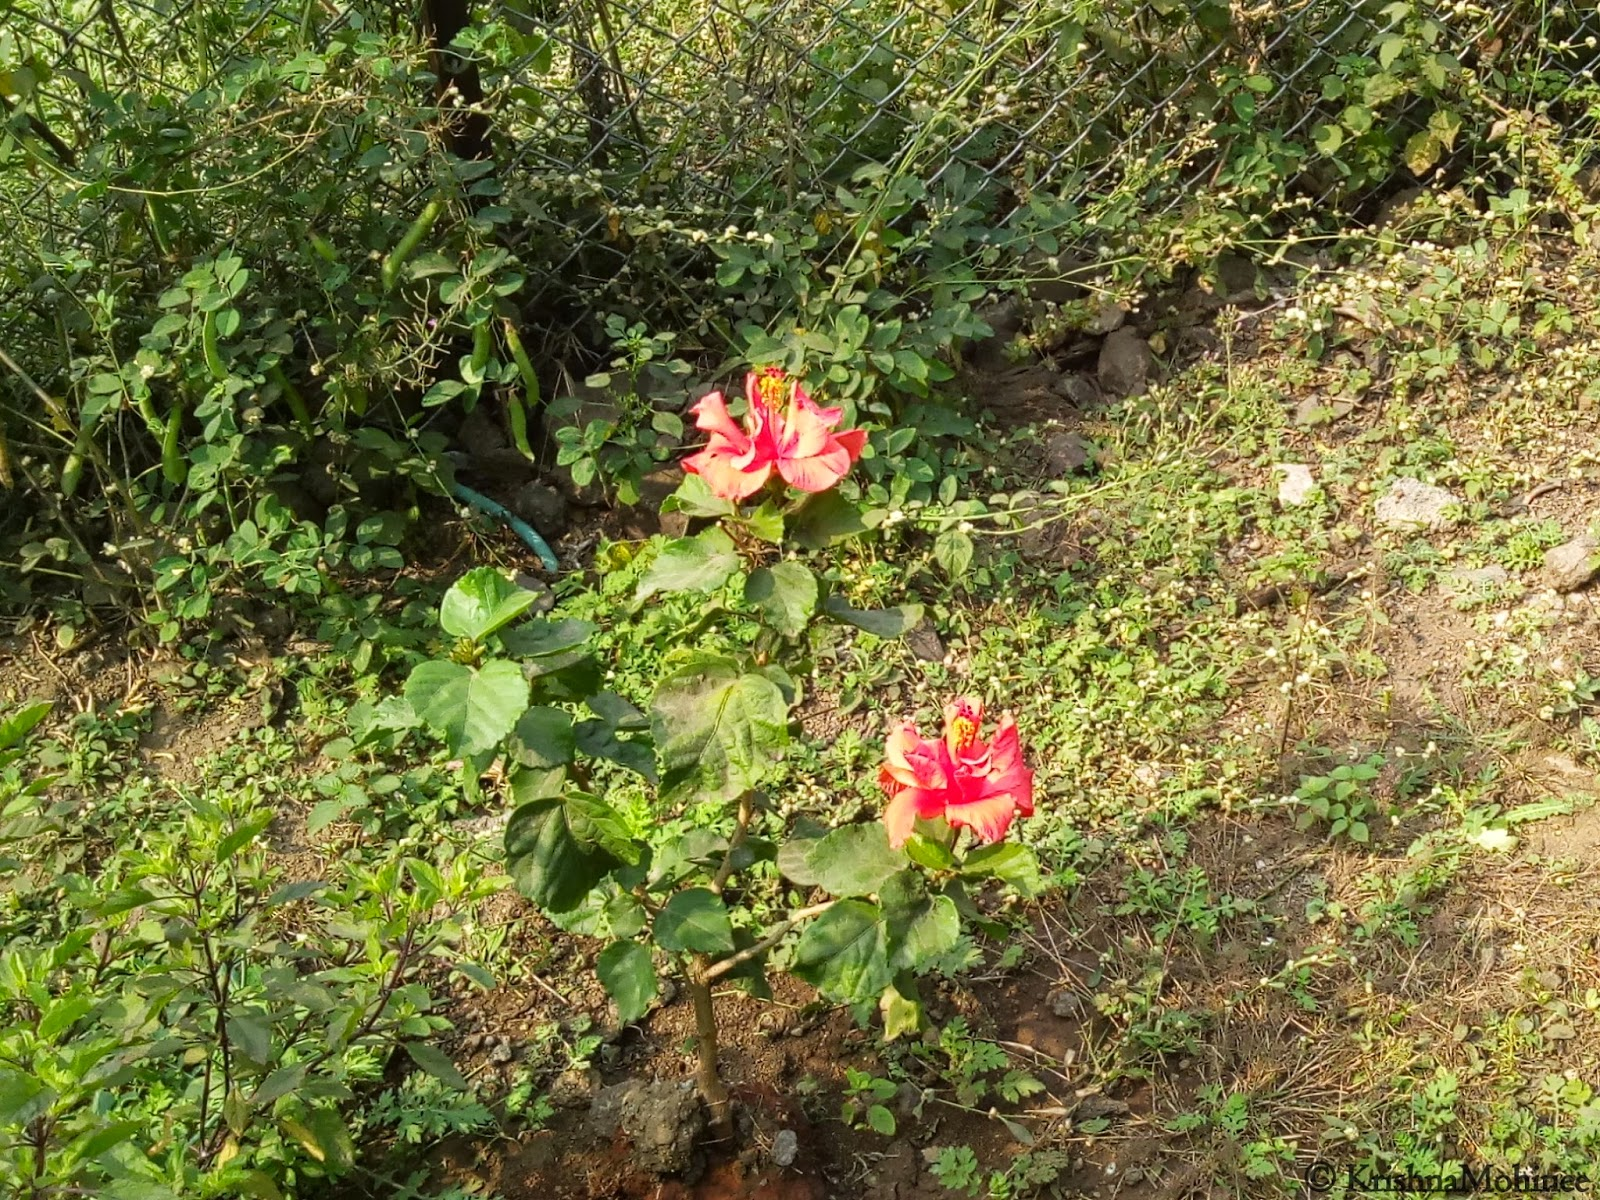 Image: Jaswand Flowers